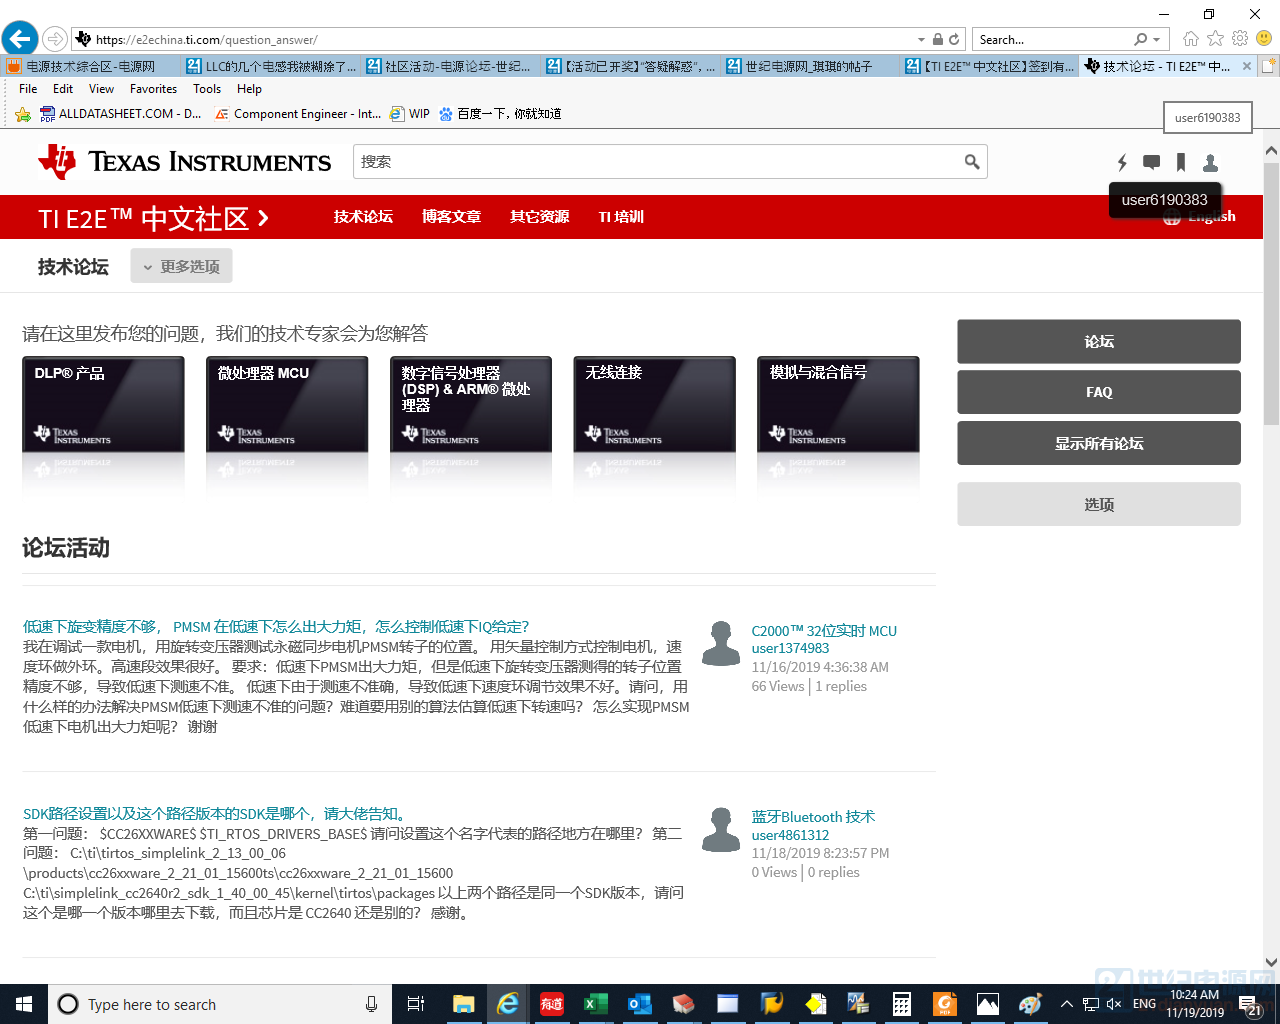 9AC73942-F2CB-44EB-9EE9-2644B16B28D5.png